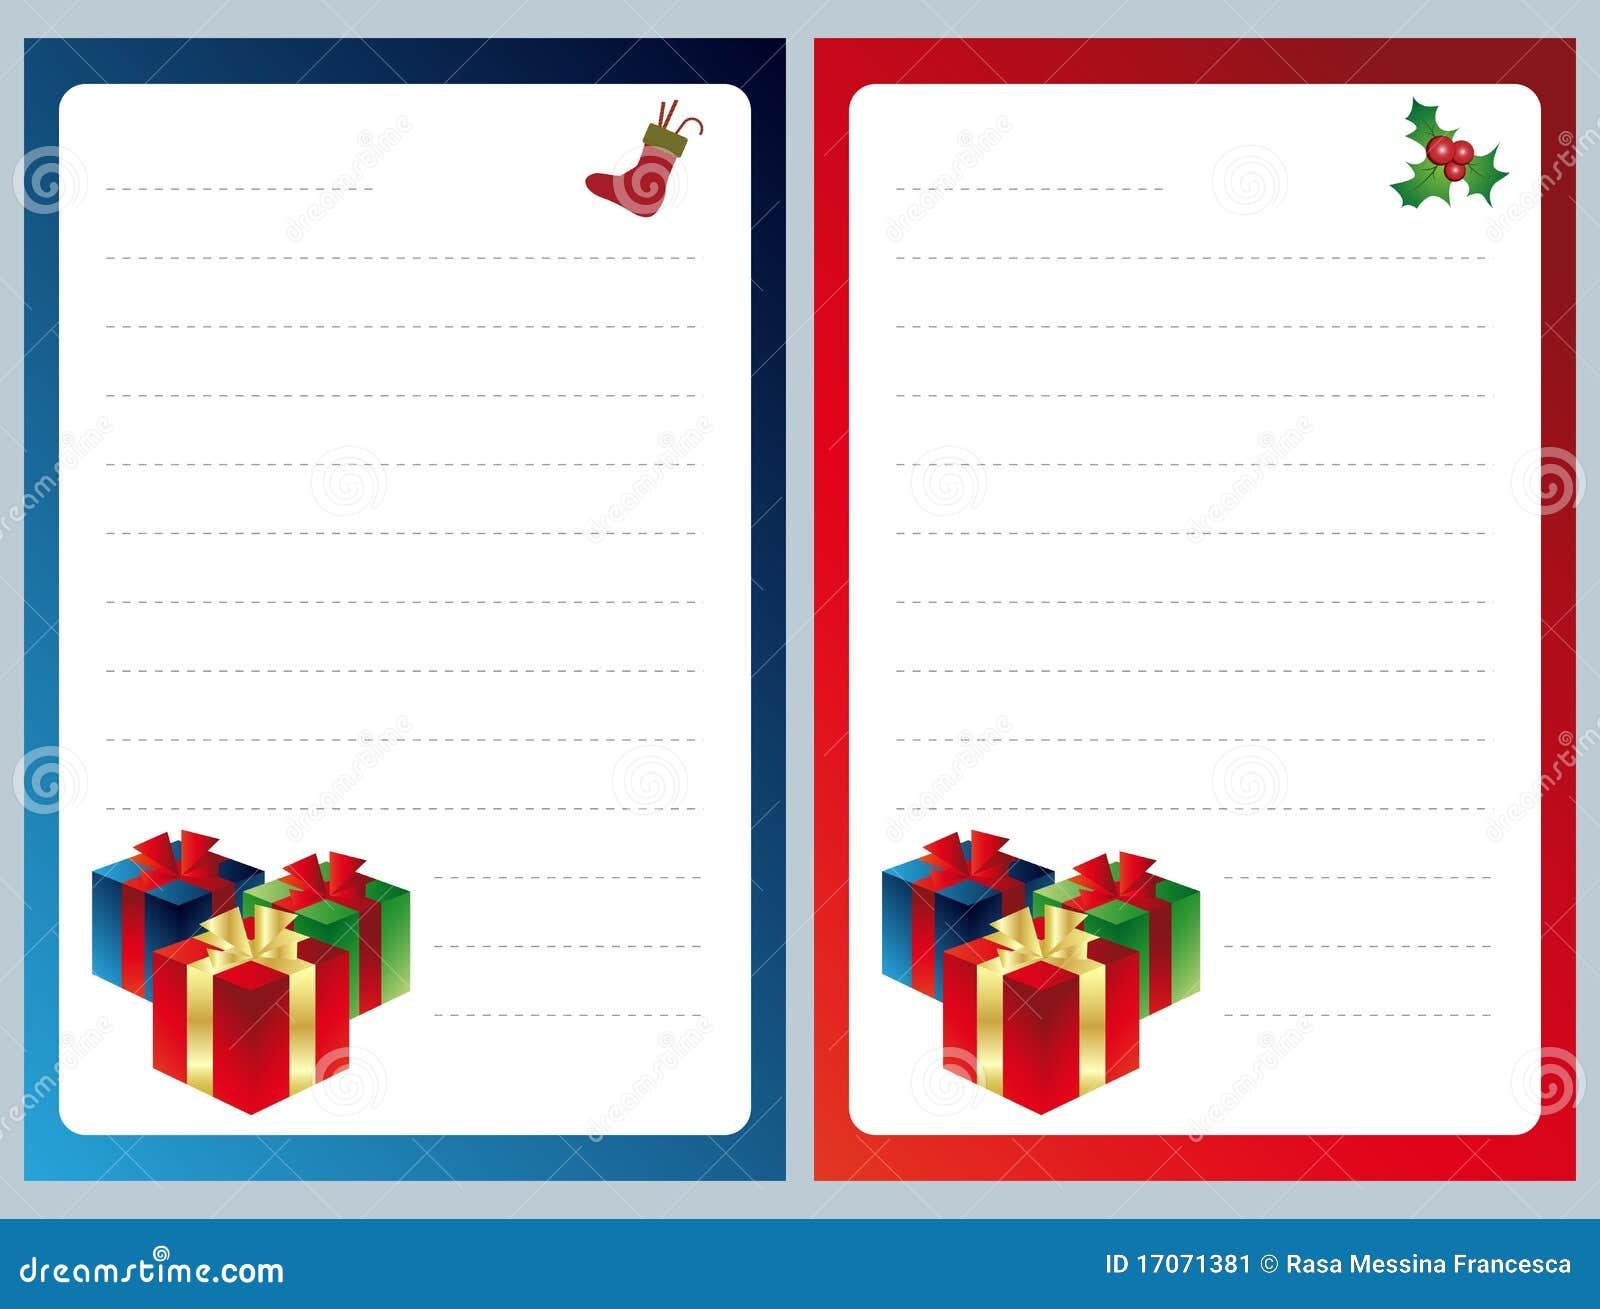 Christmas Wish List Christmas wish list